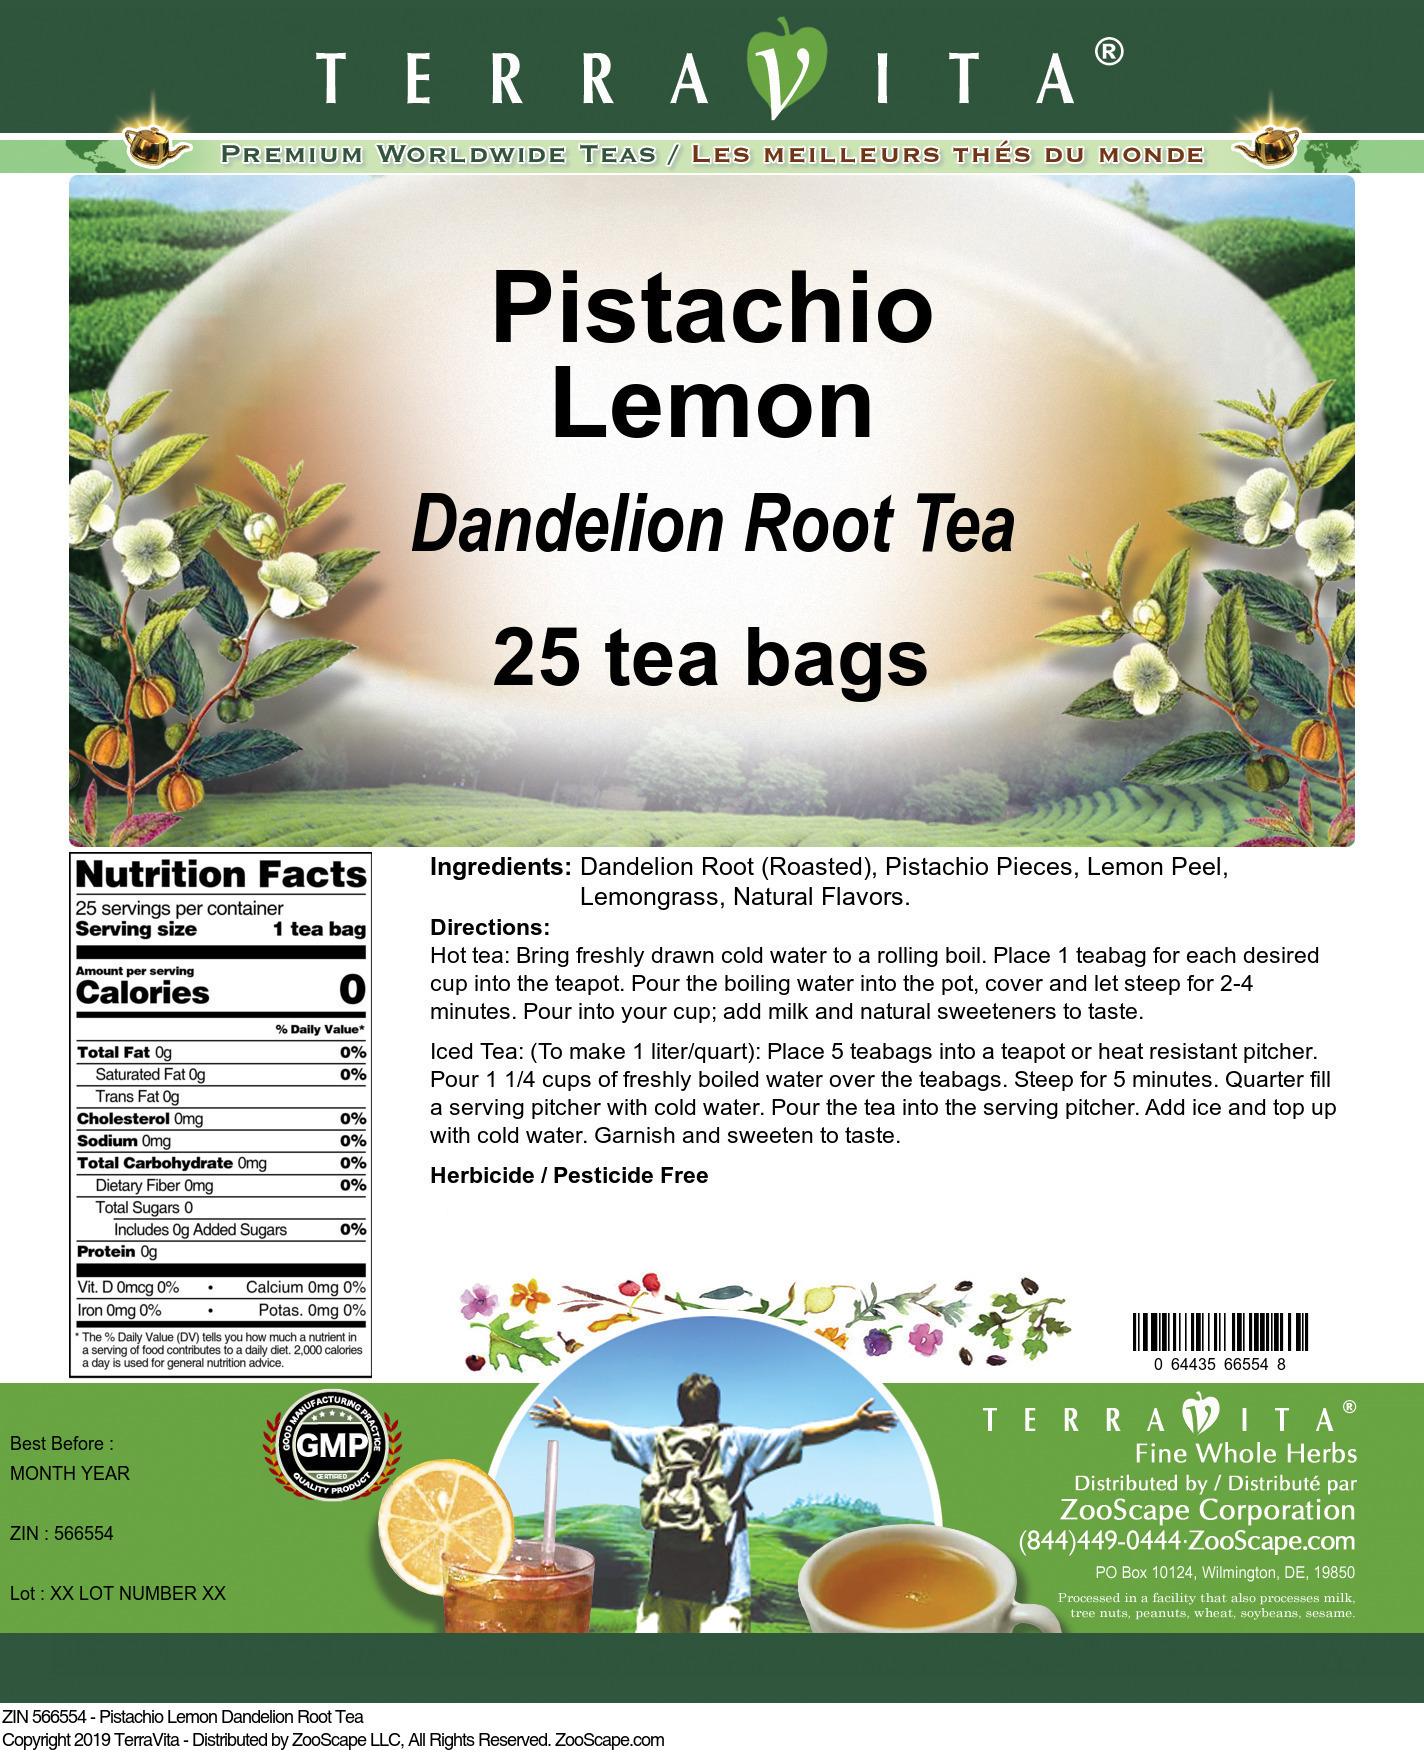 Pistachio Lemon Dandelion Root